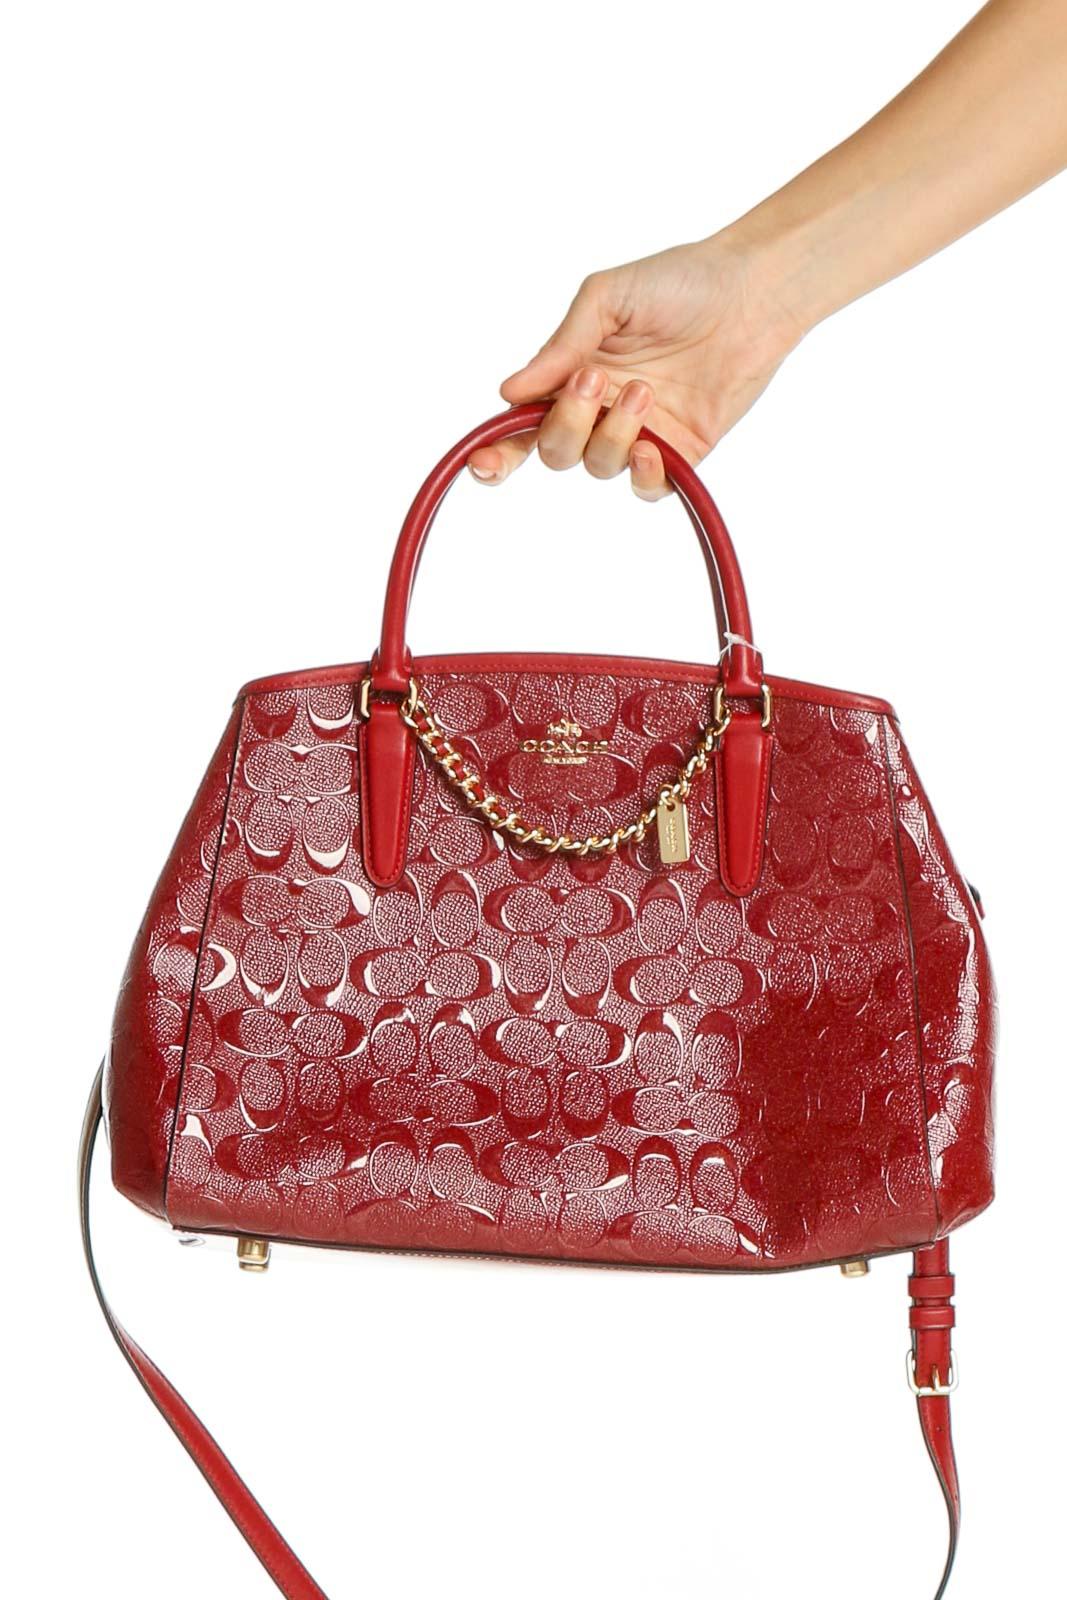 Red Satchel Bag Front